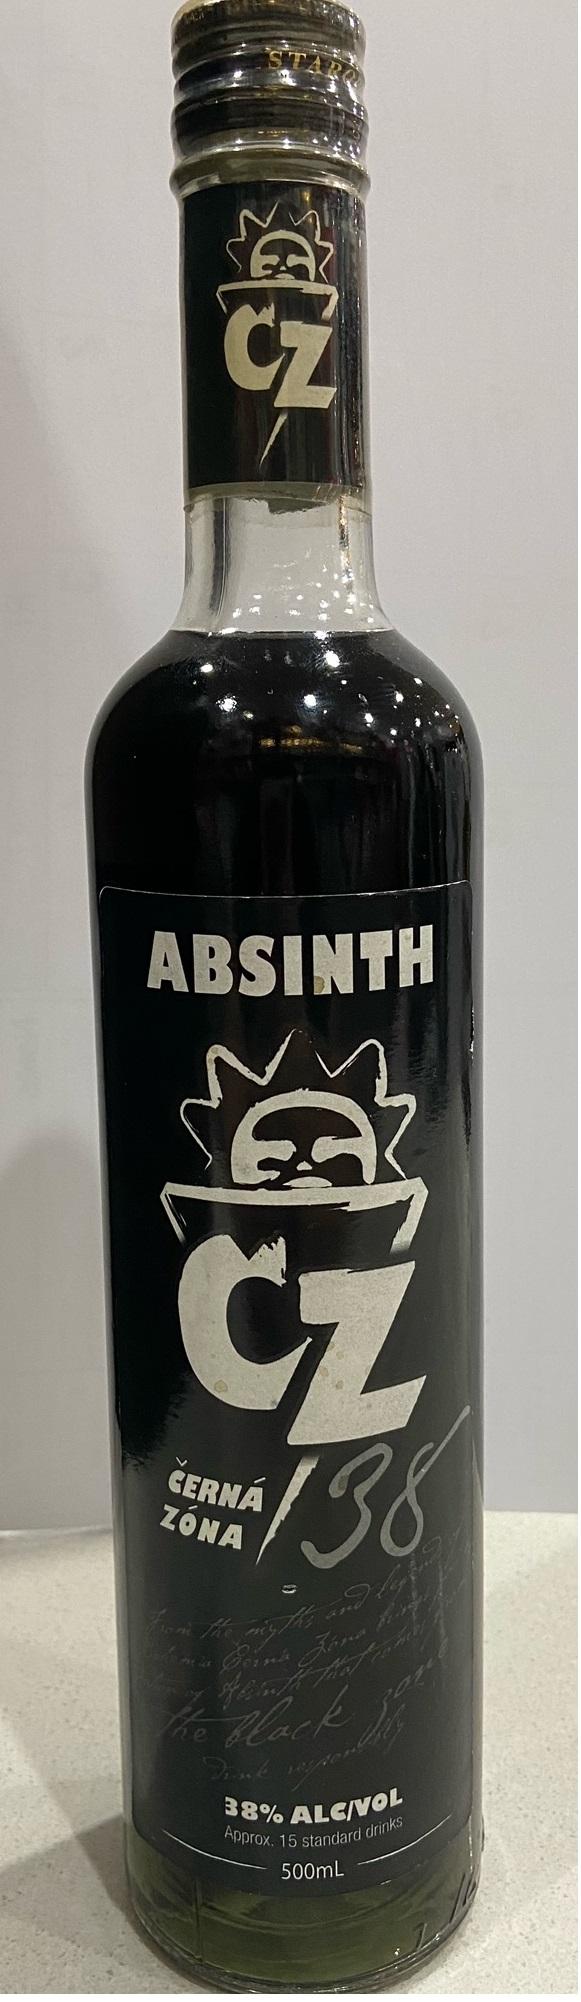 Absinth Cz38